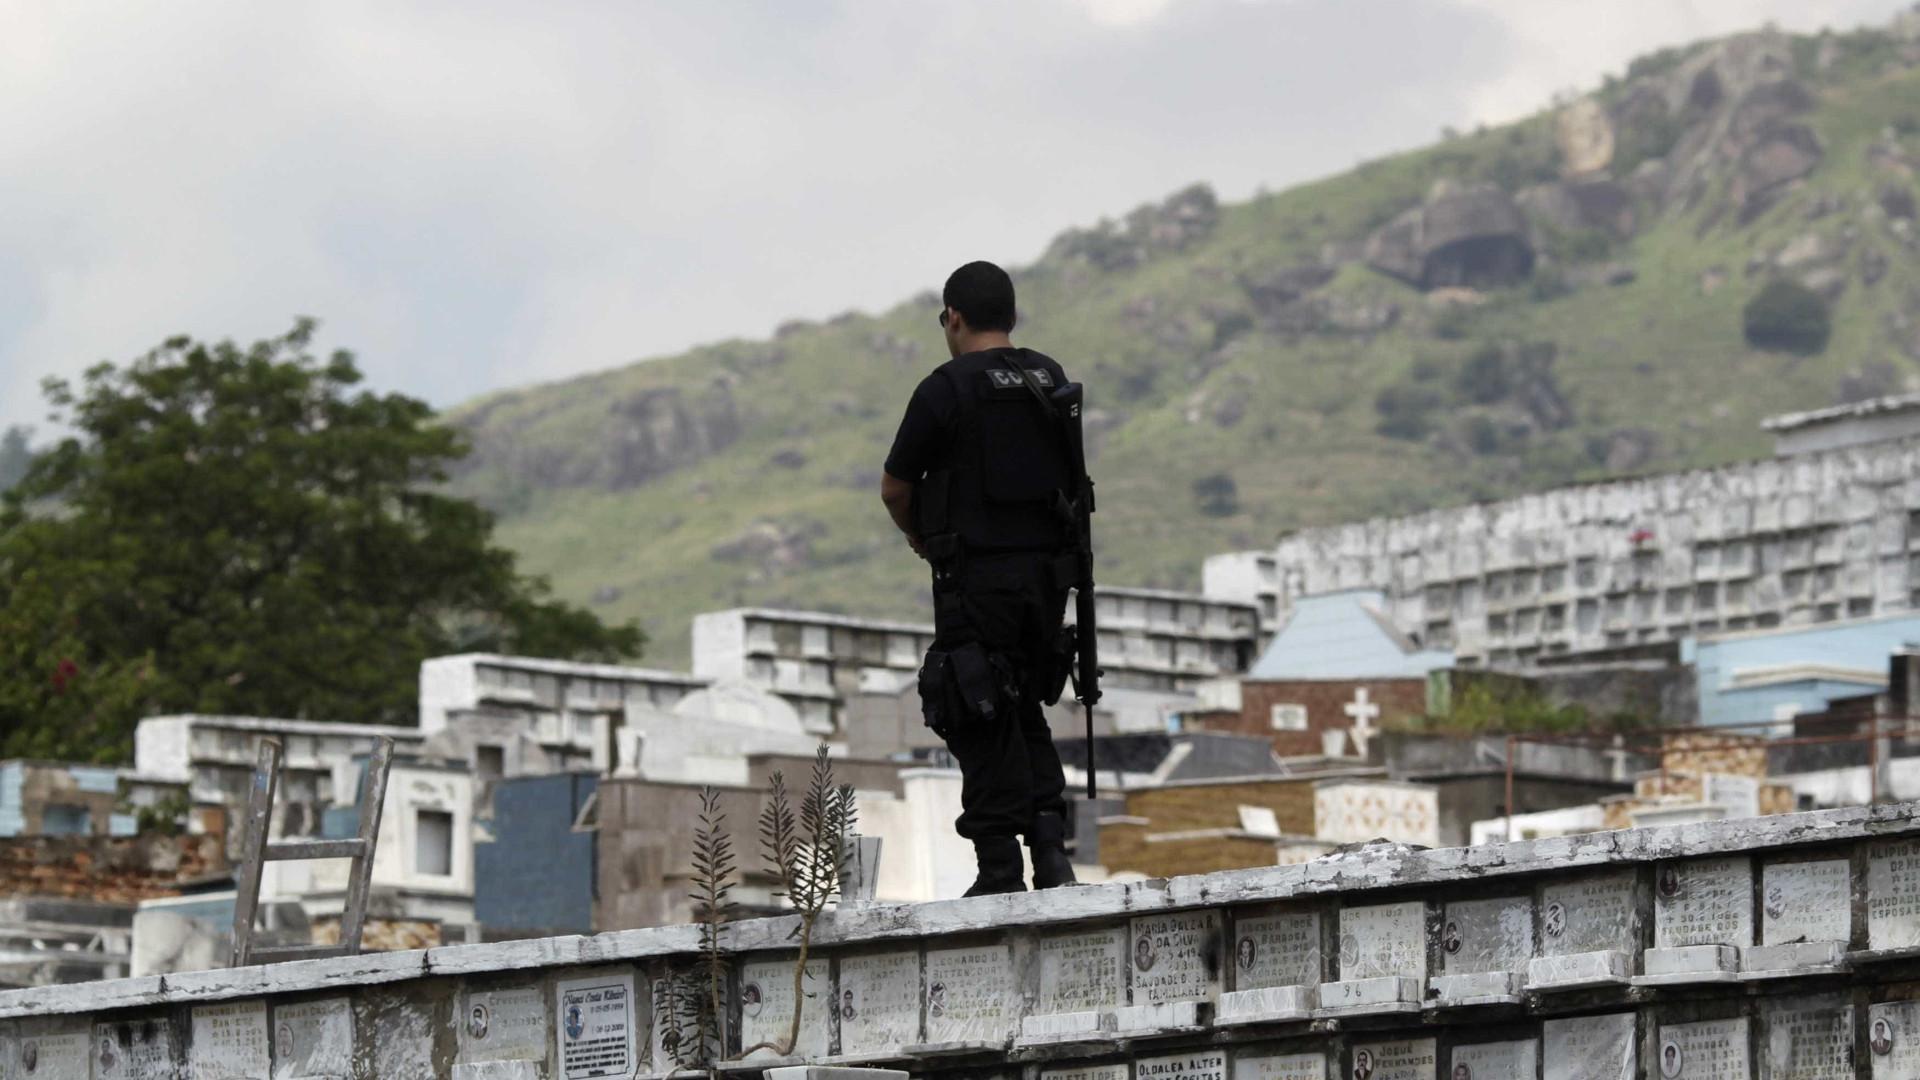 Assassinatos no Rio de Janeiro crescem mais de 20% em outubro